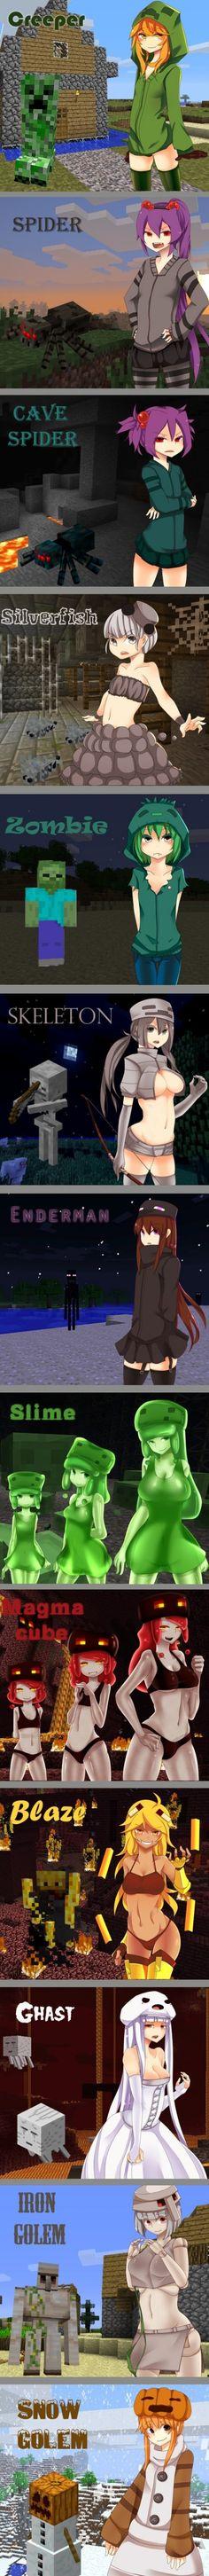 Minecraft Creatures into Anime